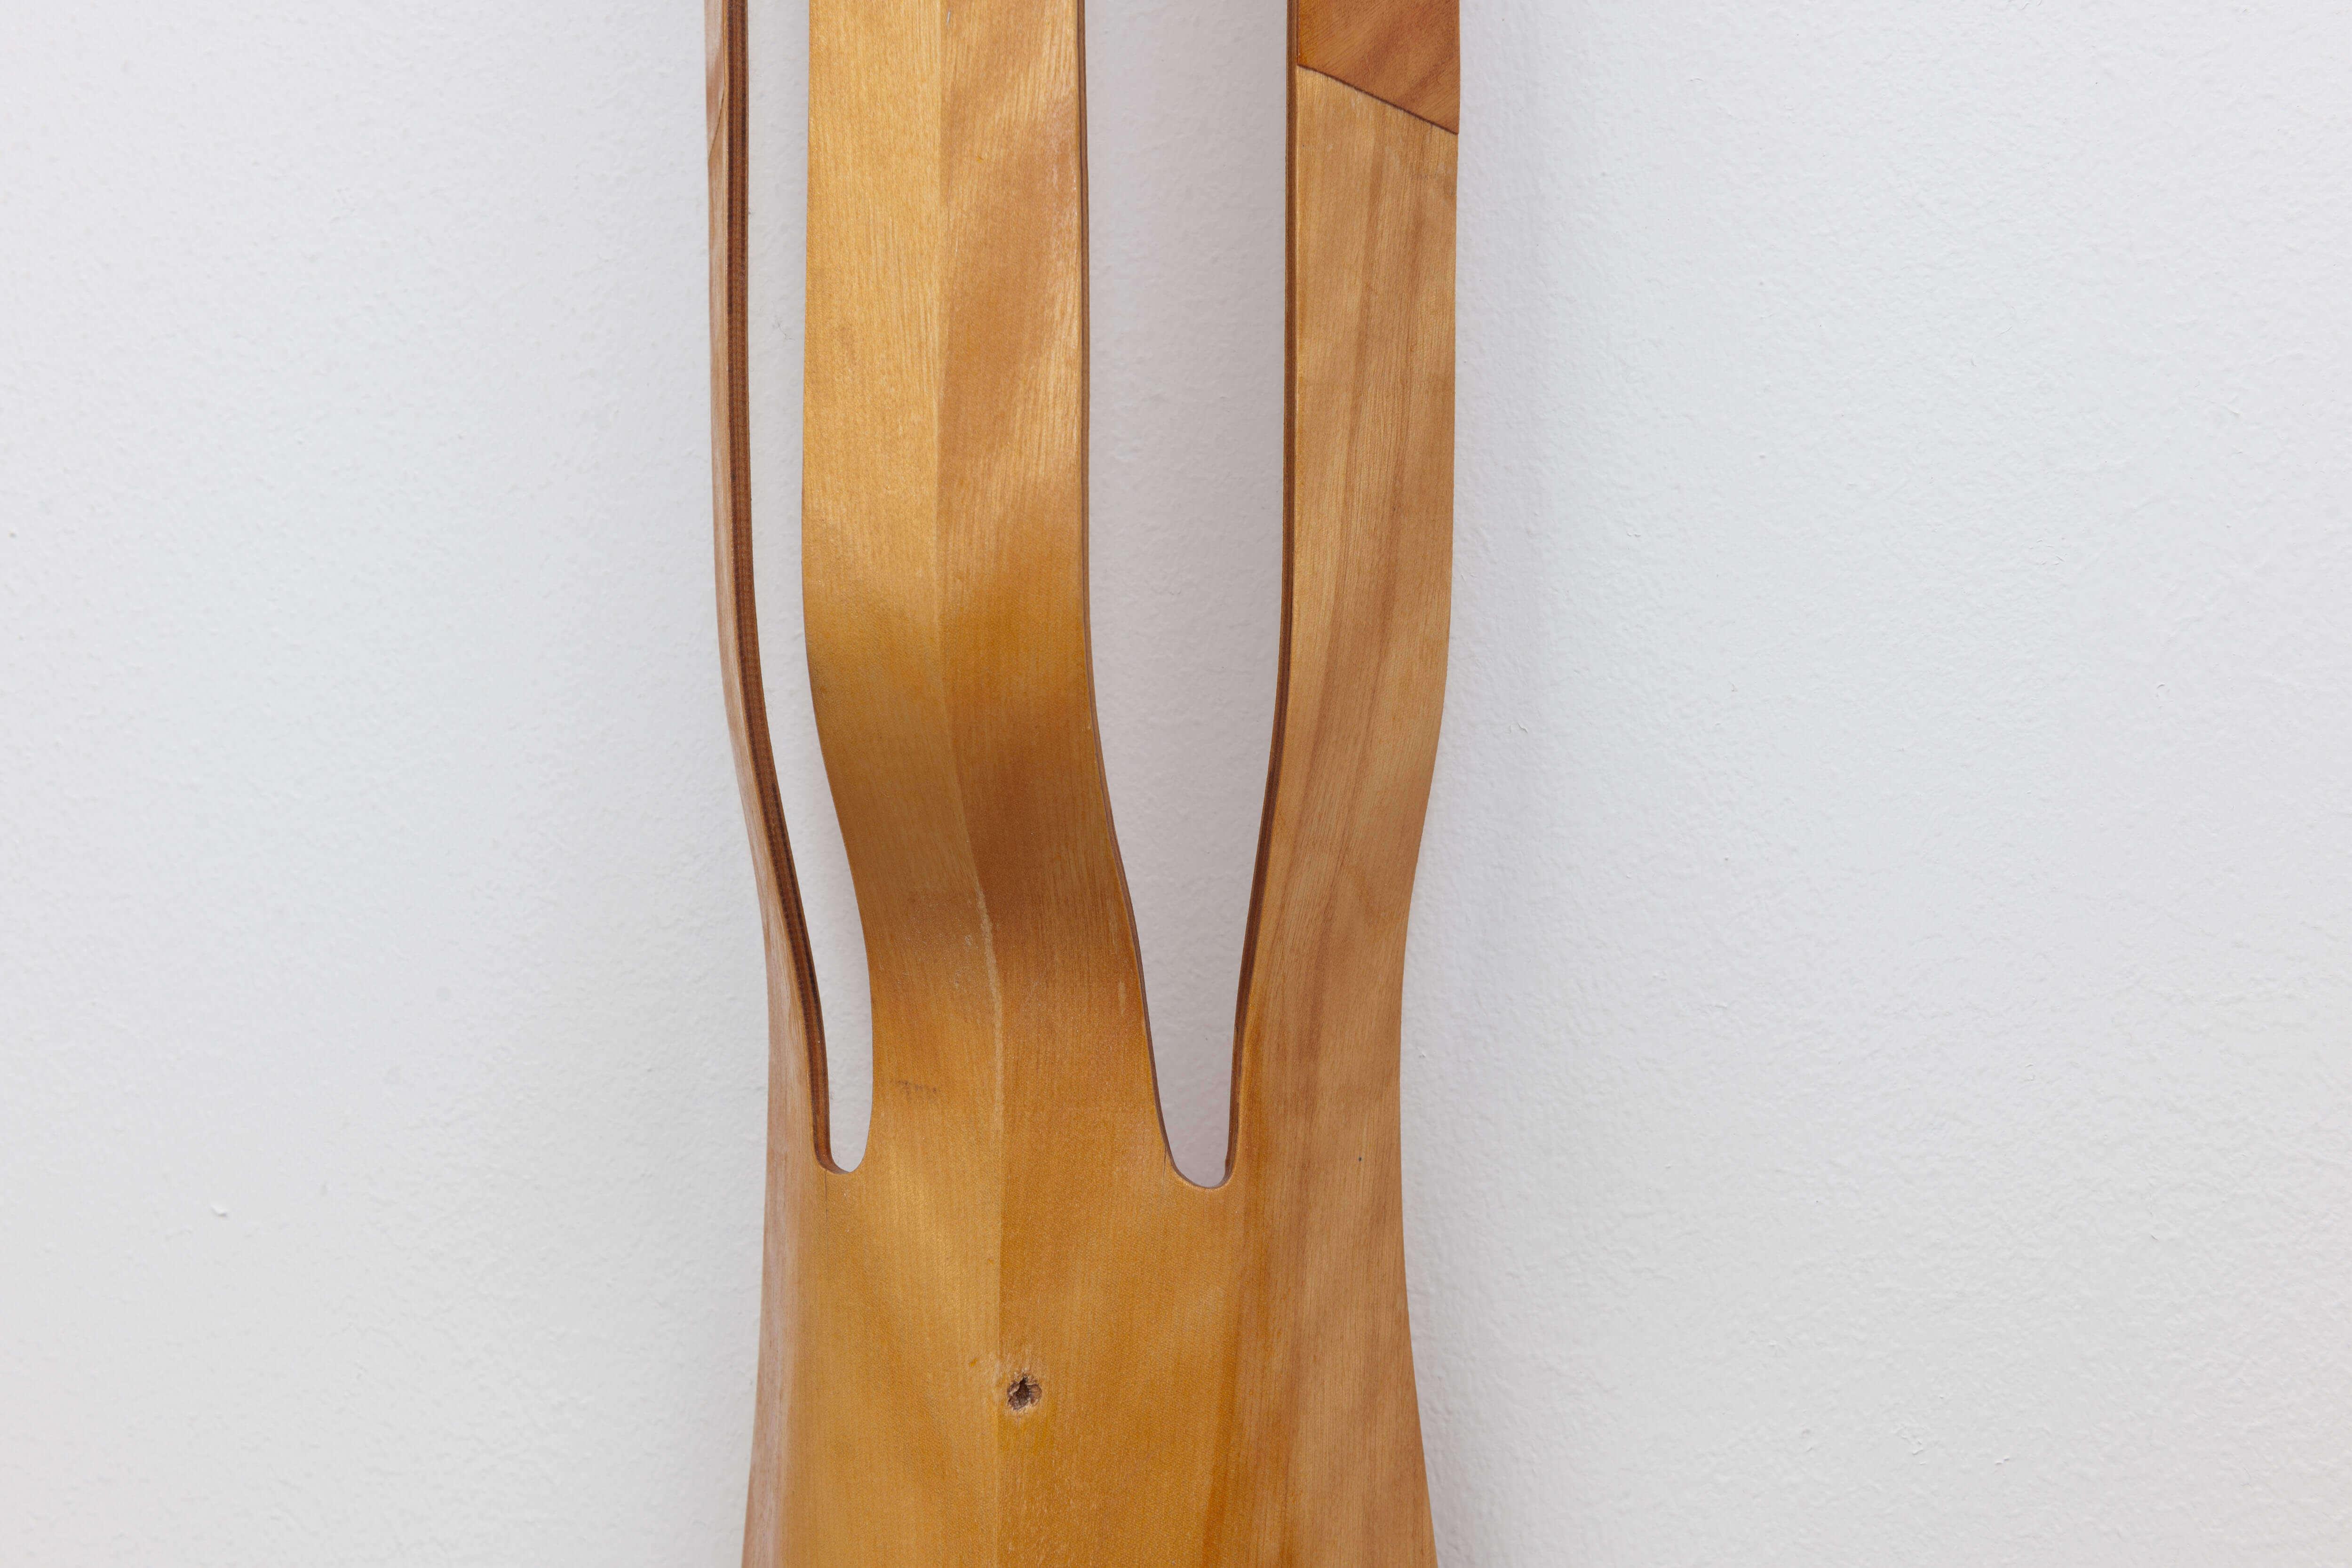 Plywood Leg Splint